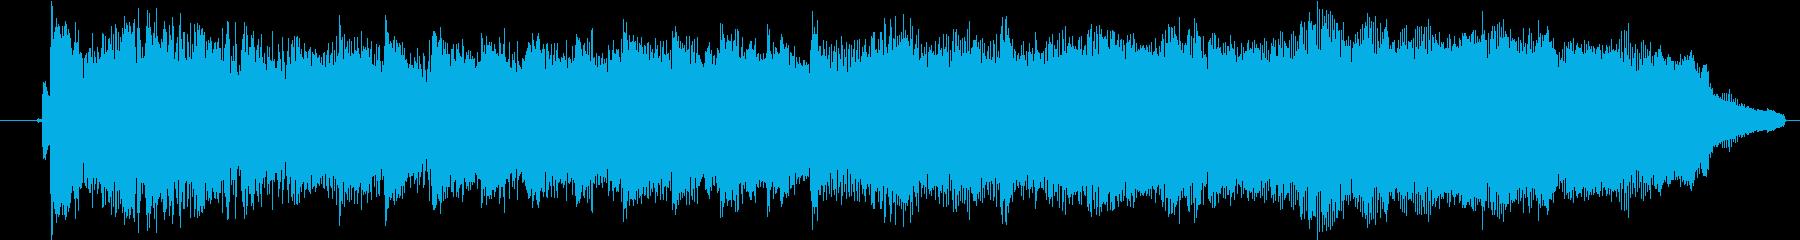 ビジュアルのブランディングや何かを...の再生済みの波形